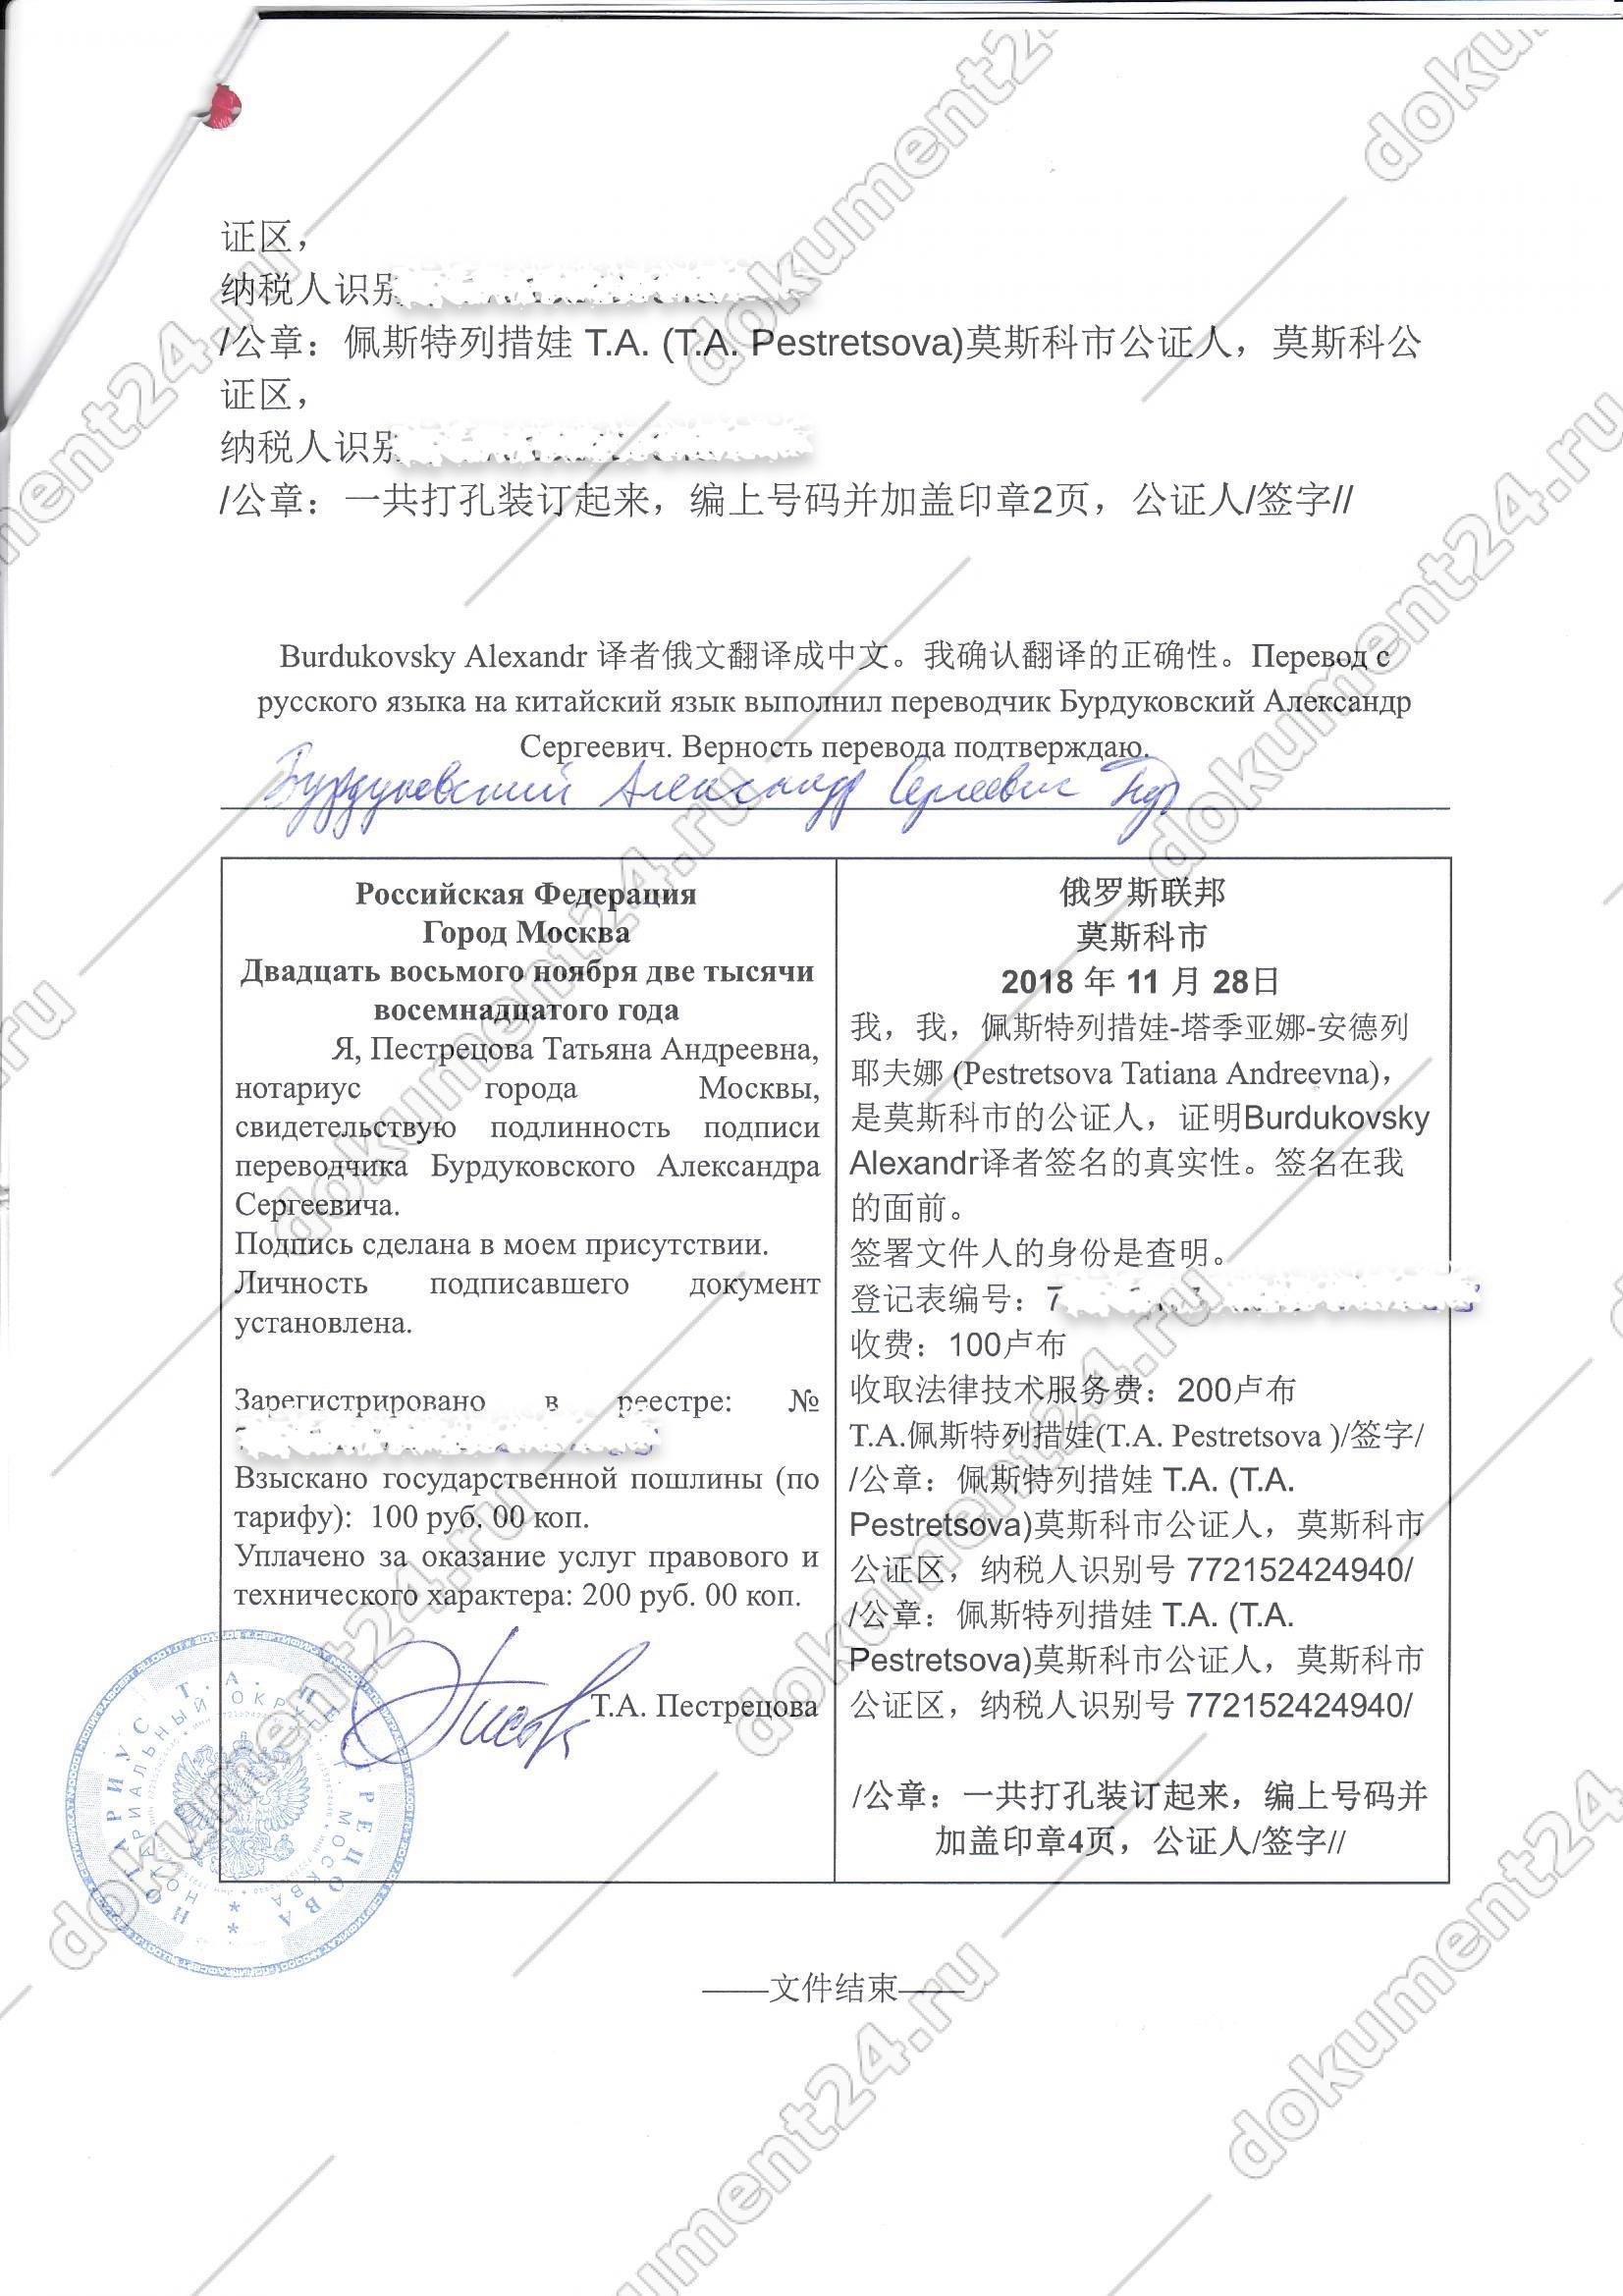 notarialnyi perevod rossiiskogo pasporta kitai